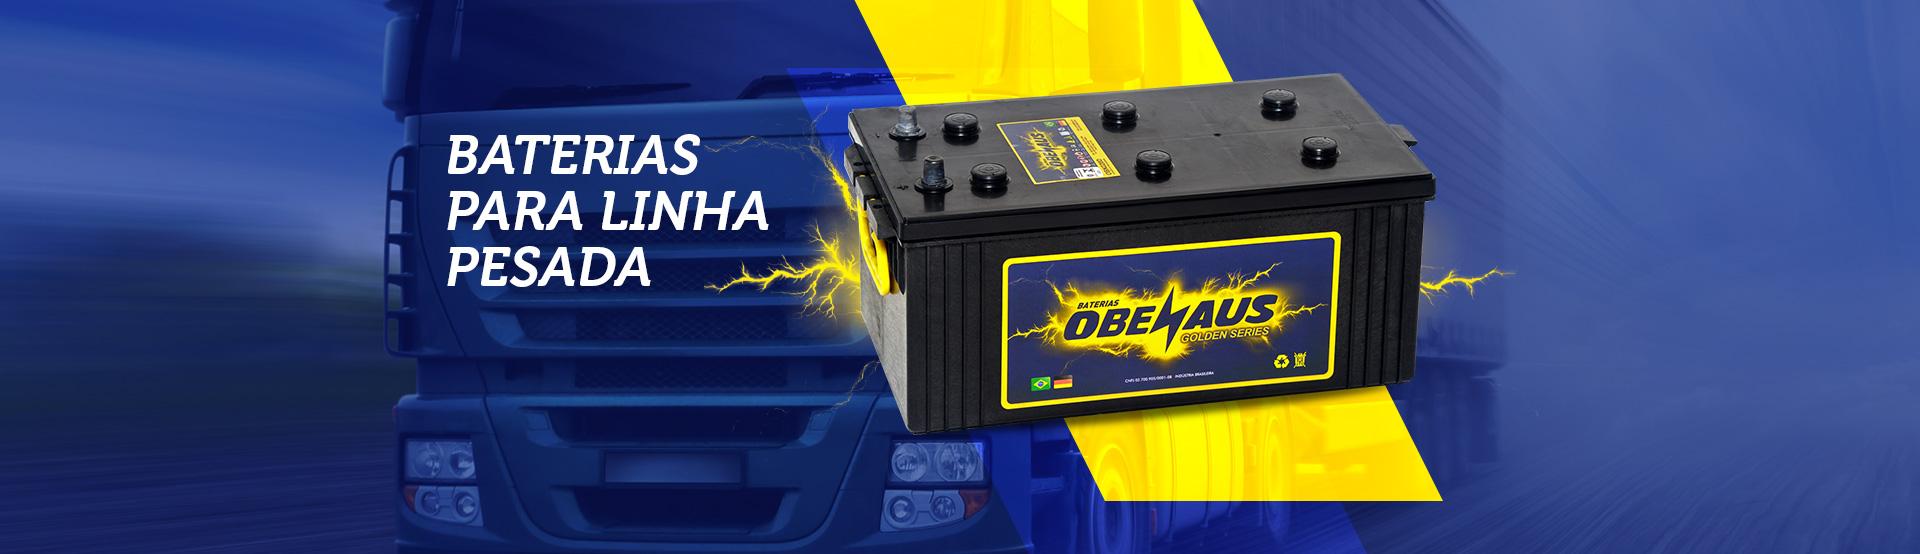 bateria-linha-pesada